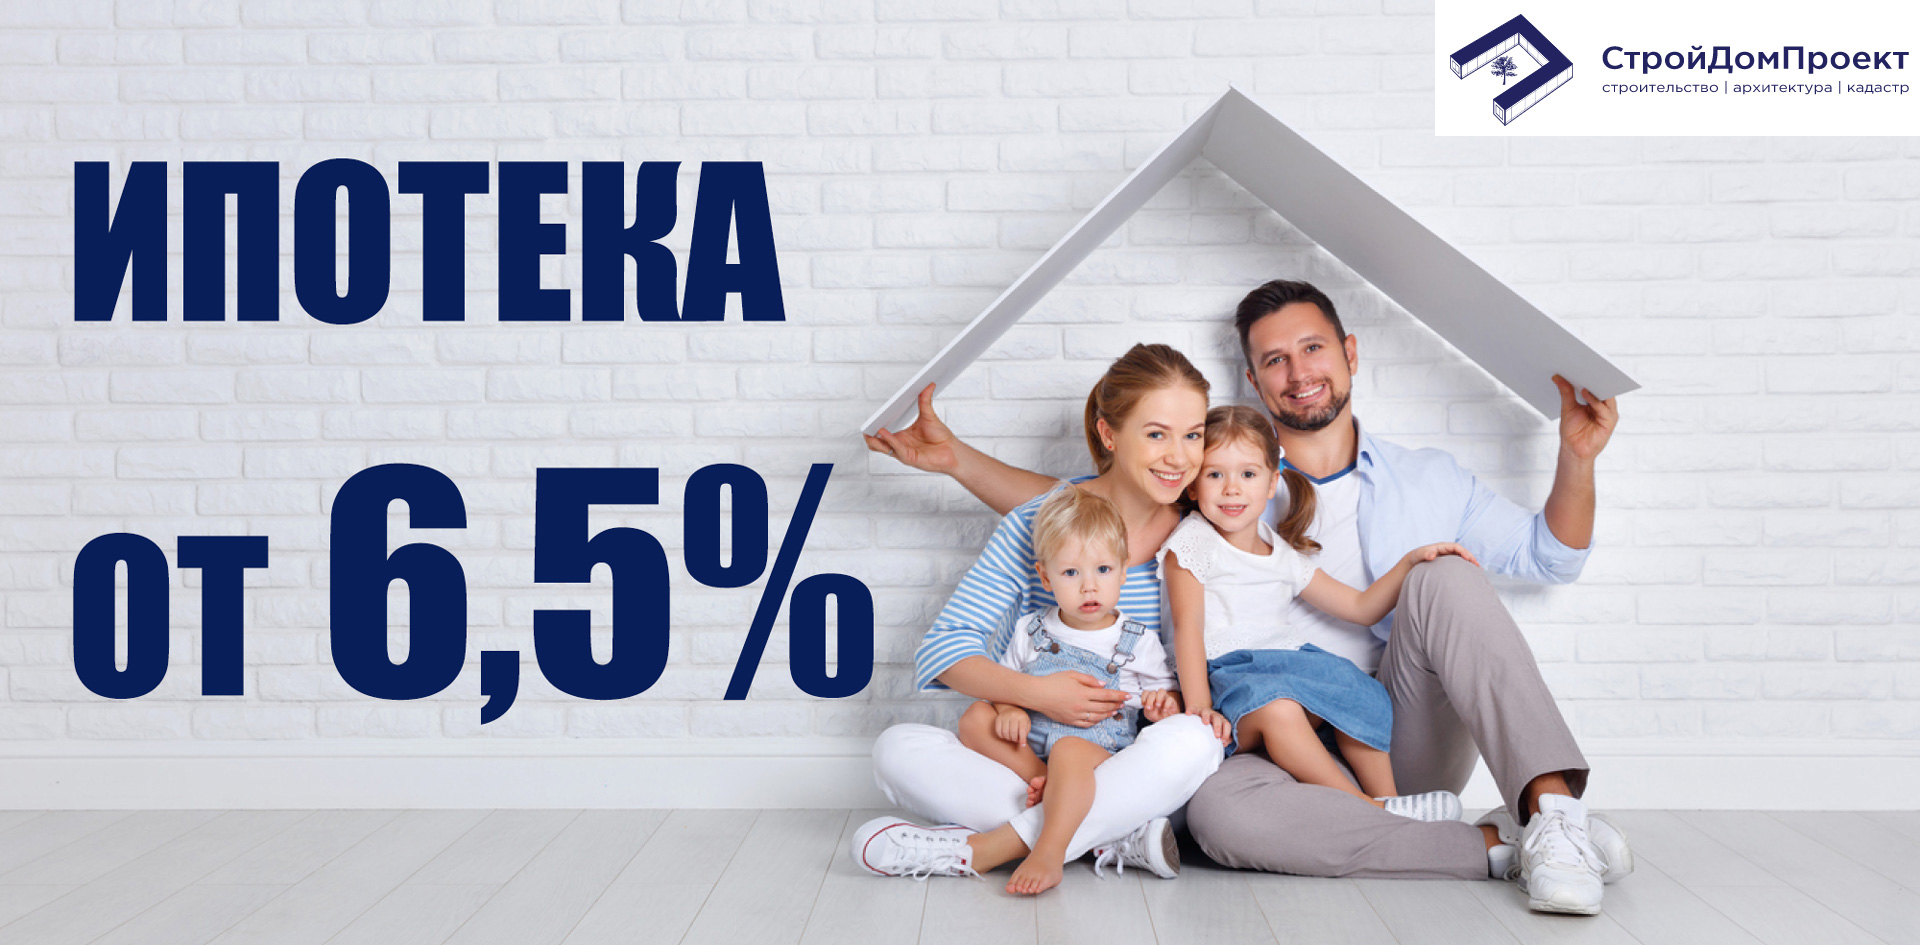 ипотека под 6,5% годовых